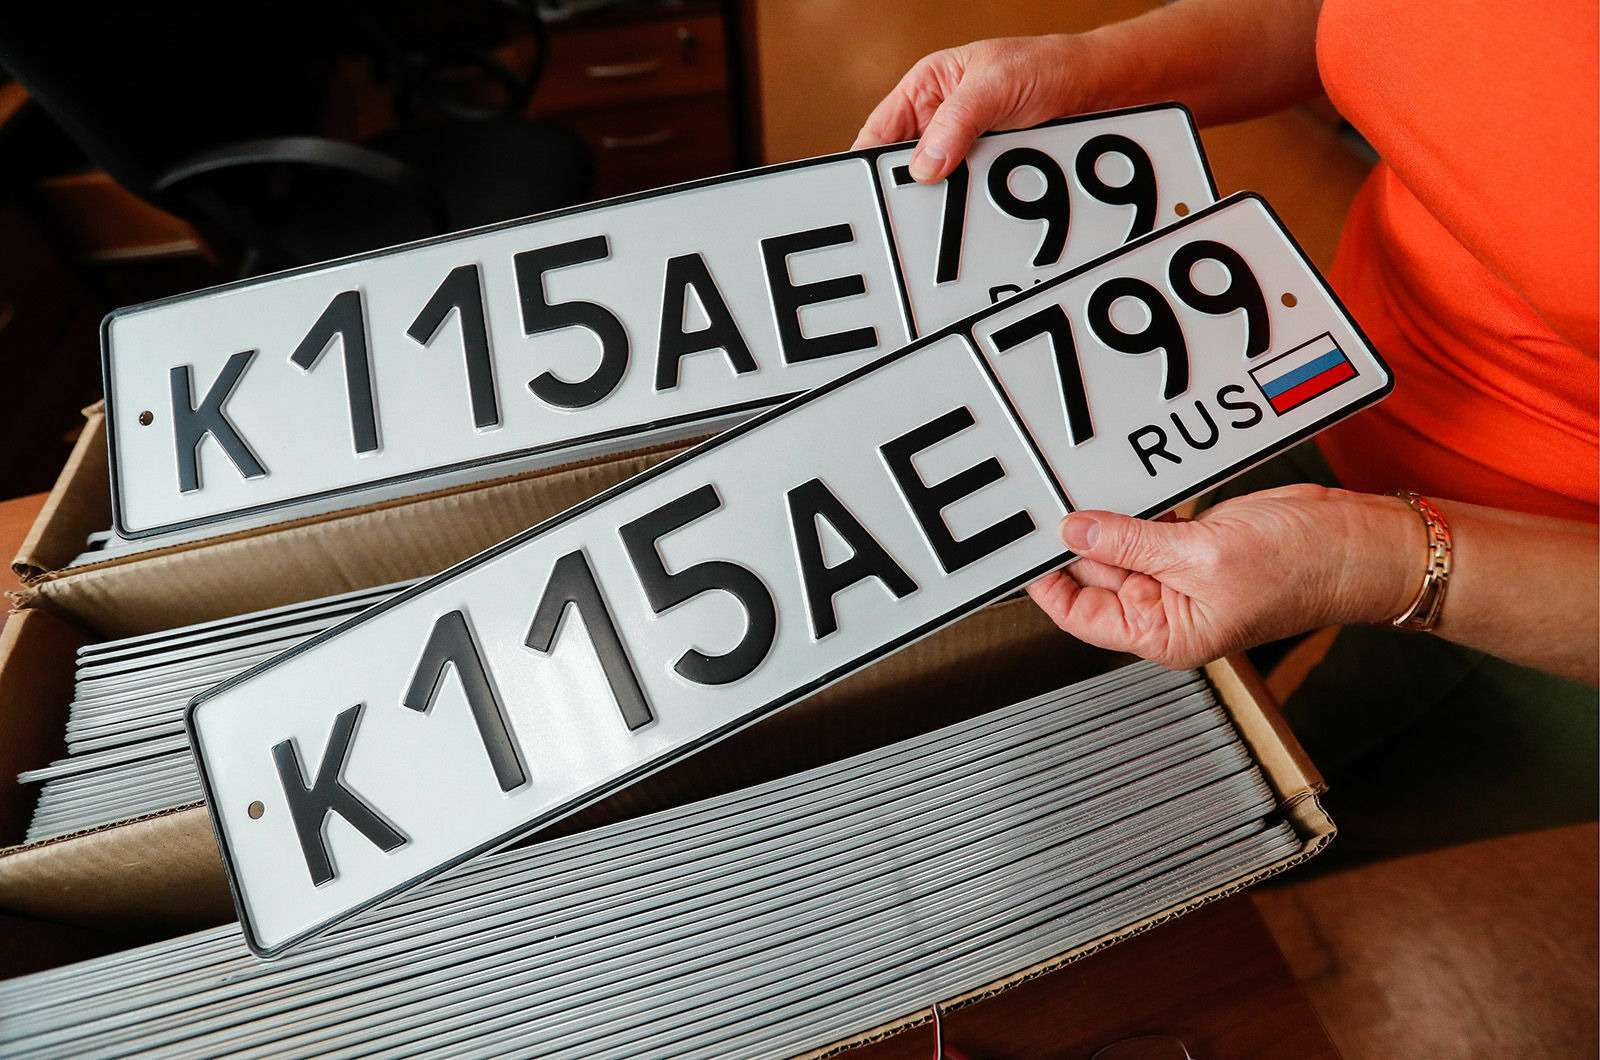 ГИБДД вновь меняет правила регистрации автомобилей